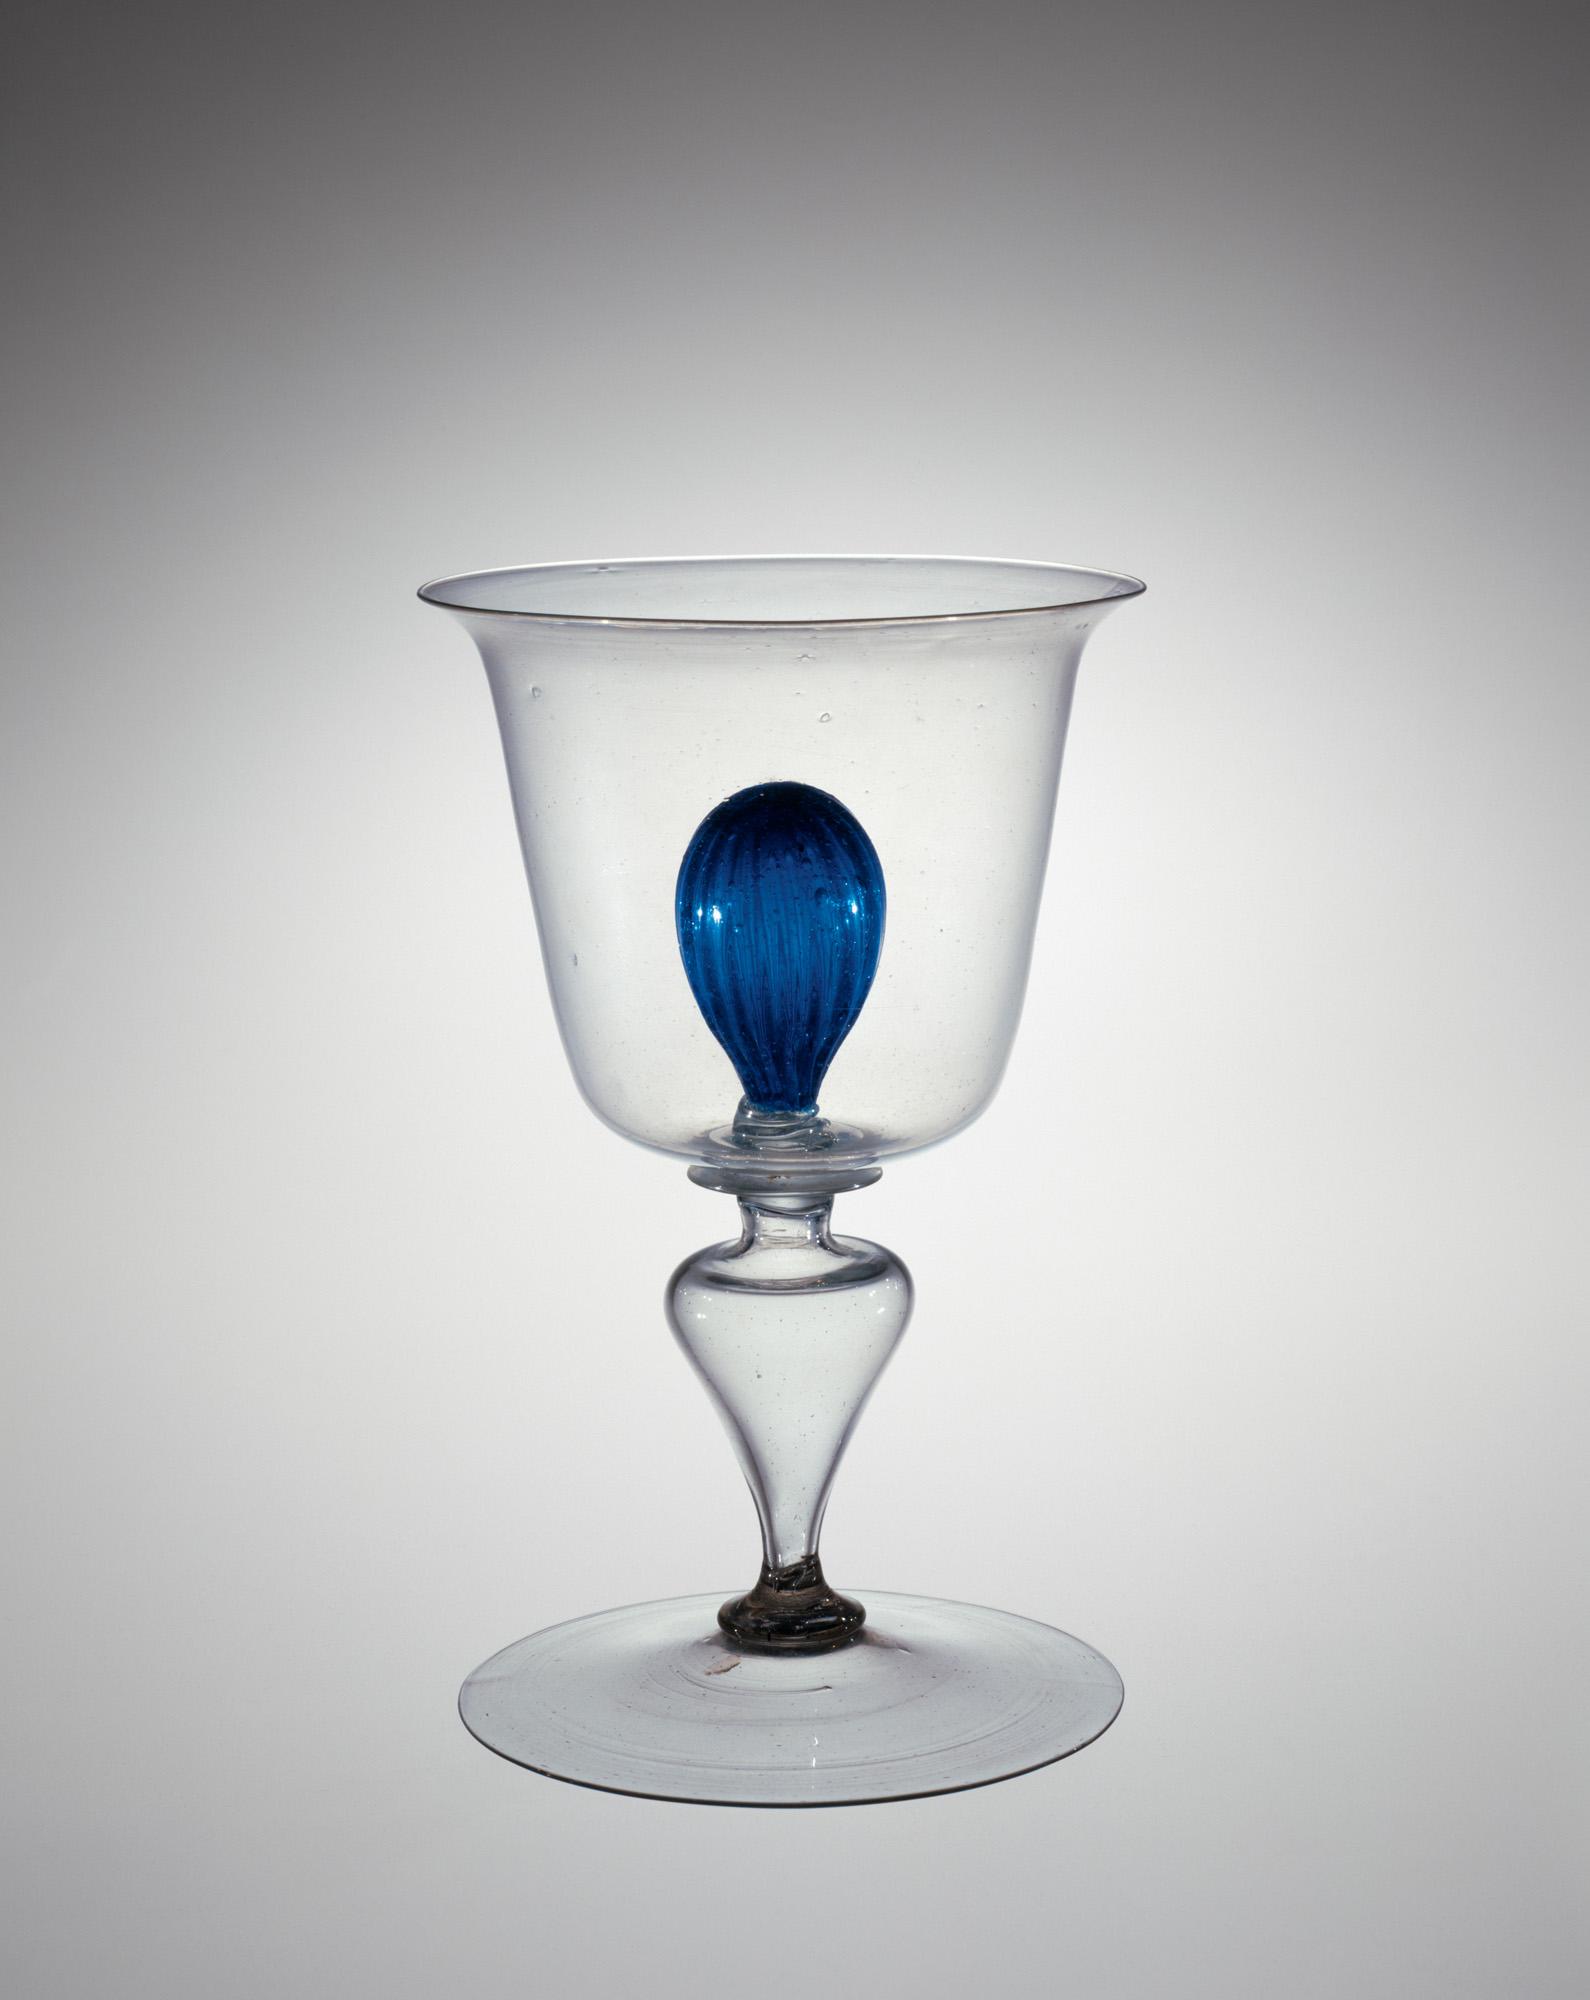 Goblet with Inner Blue Ball